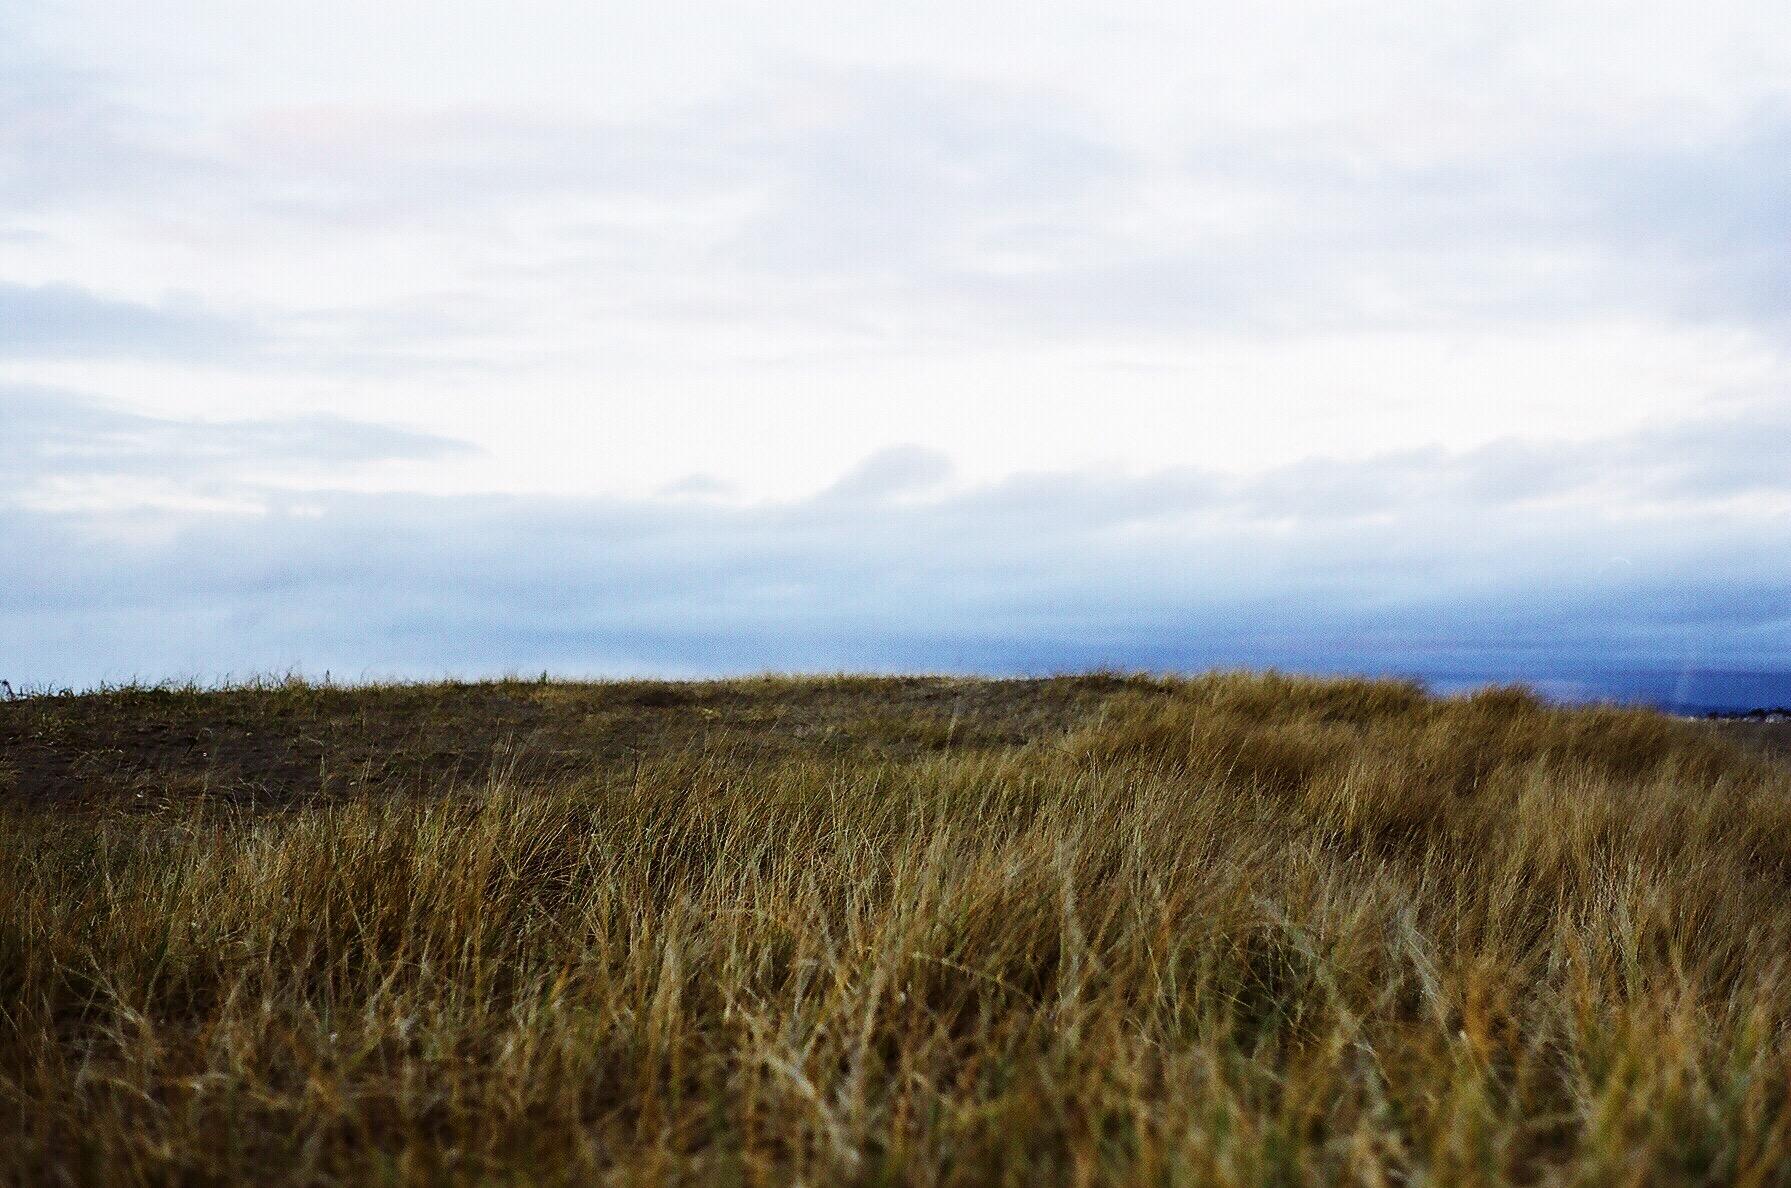 Grass: Seaside, OR   16.1 Fuji Pro 160c